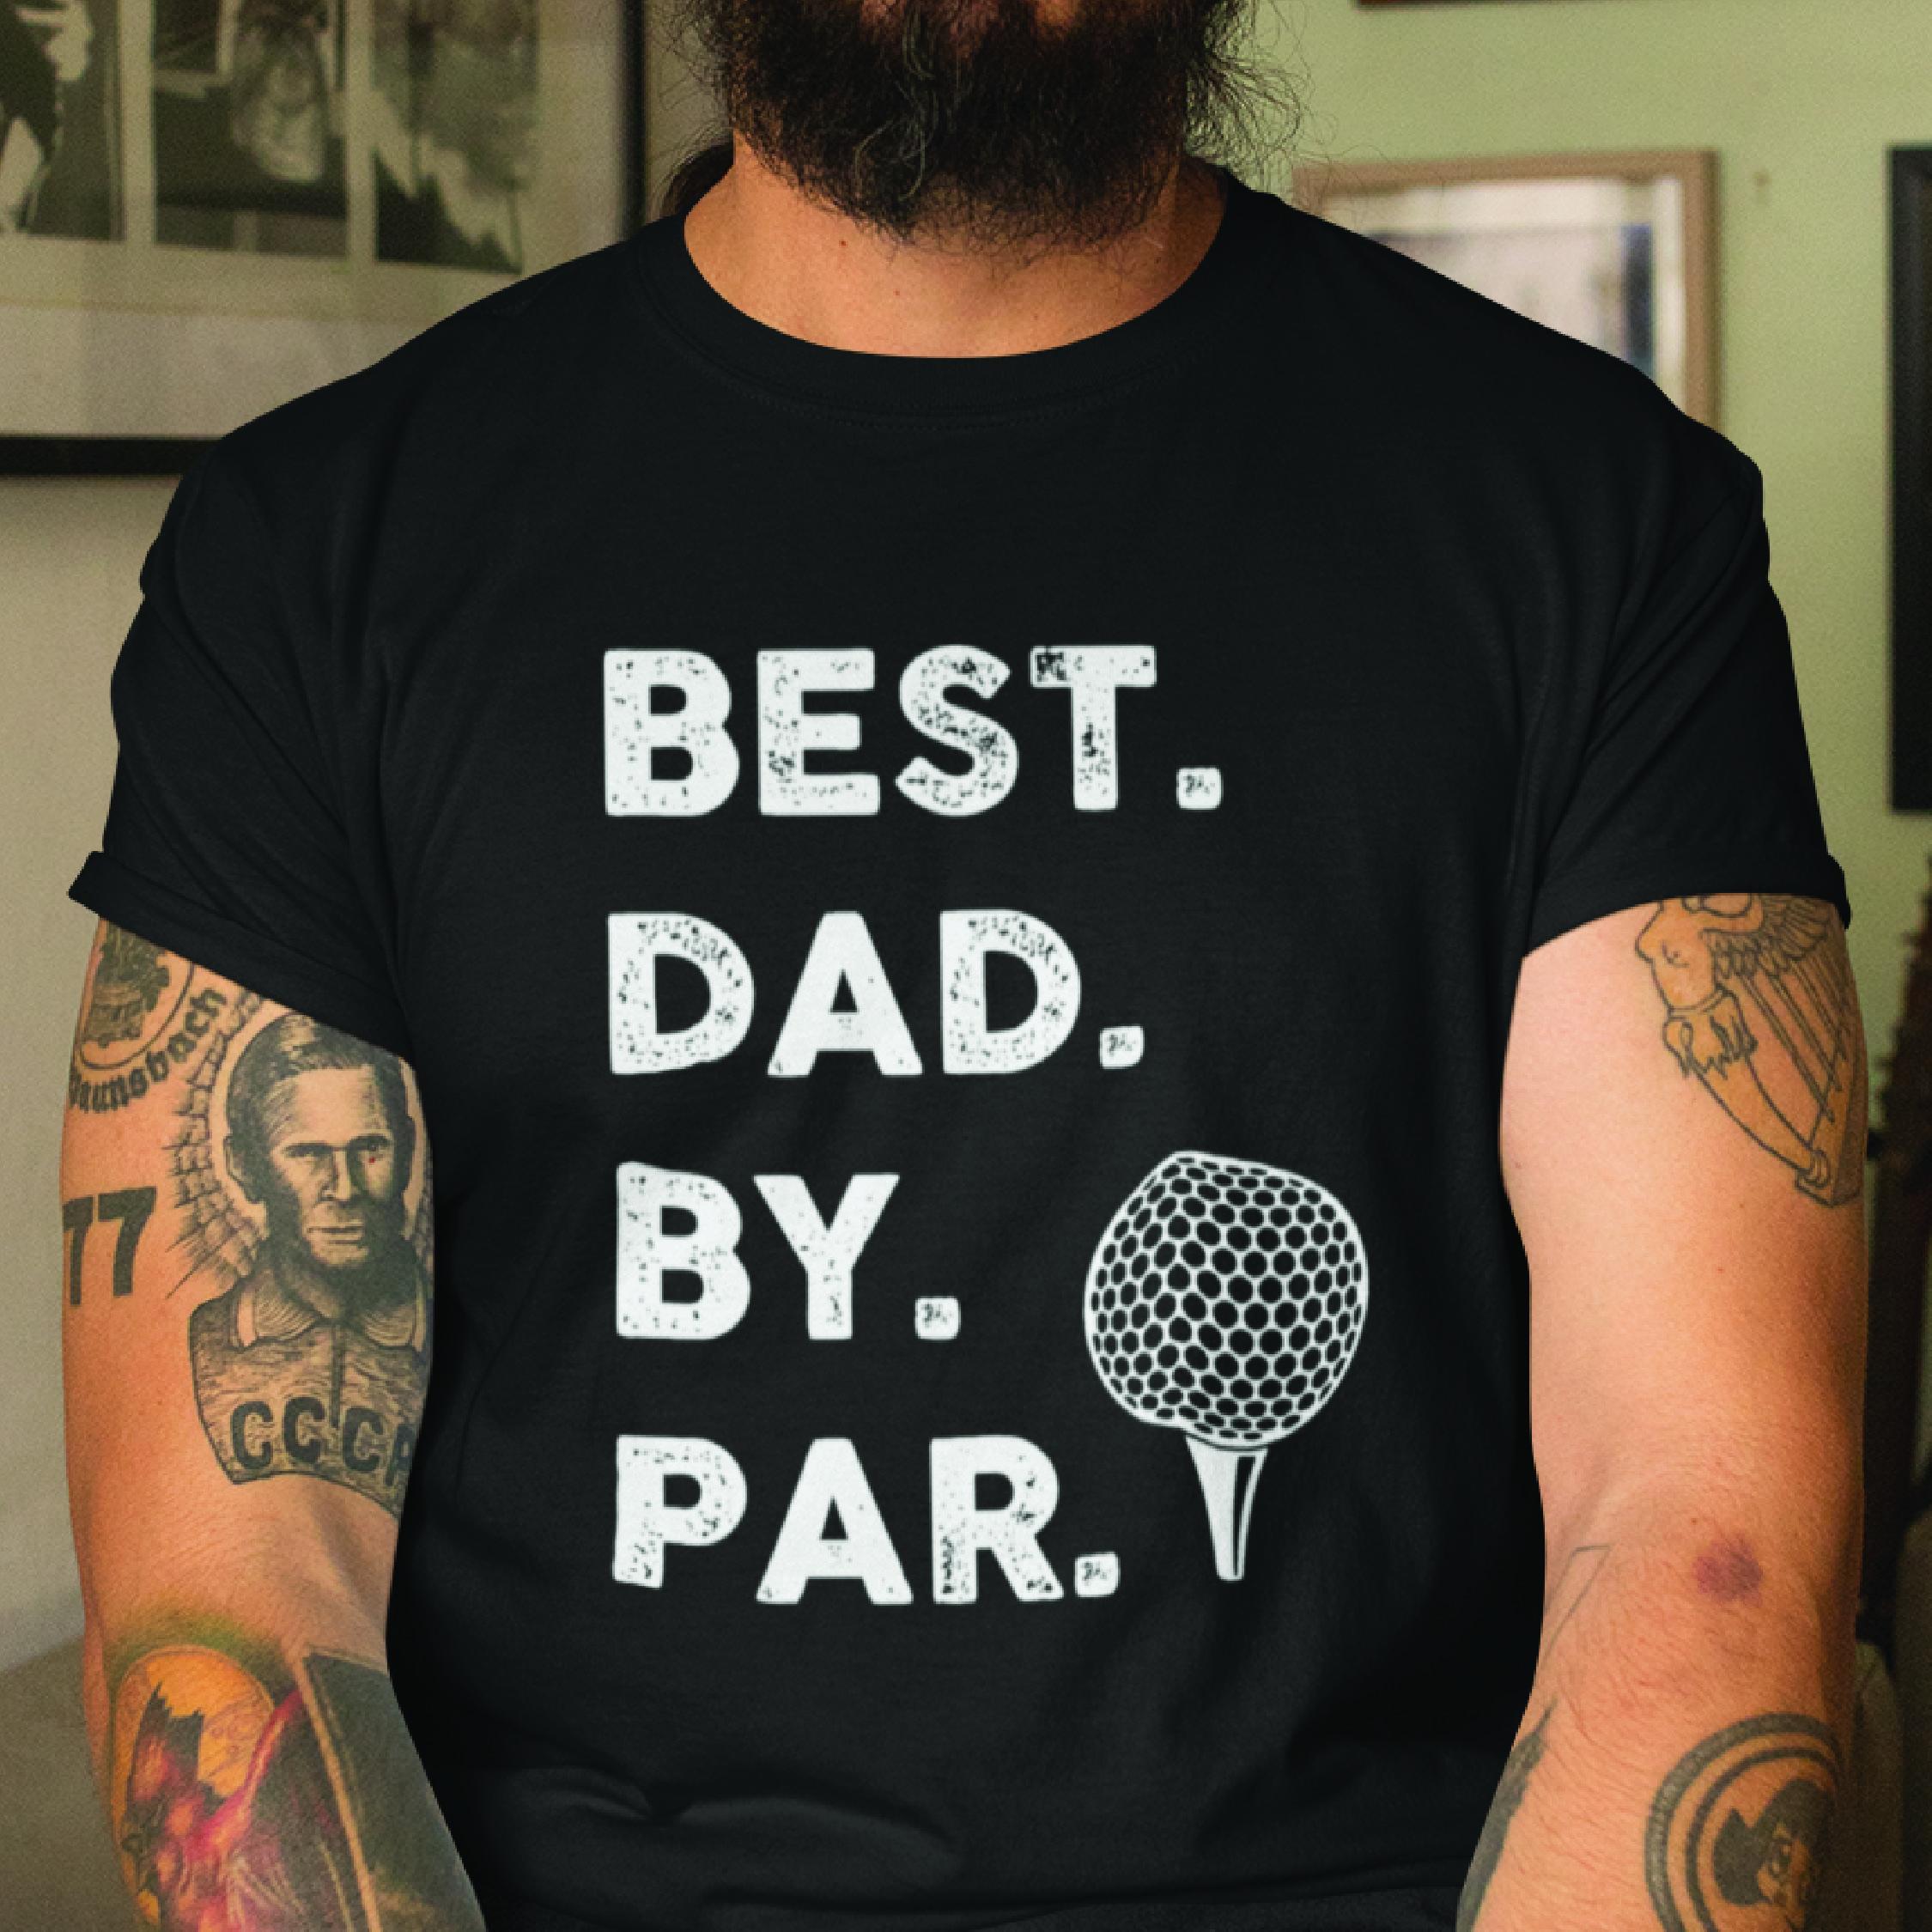 Best Dad By Par Shirt